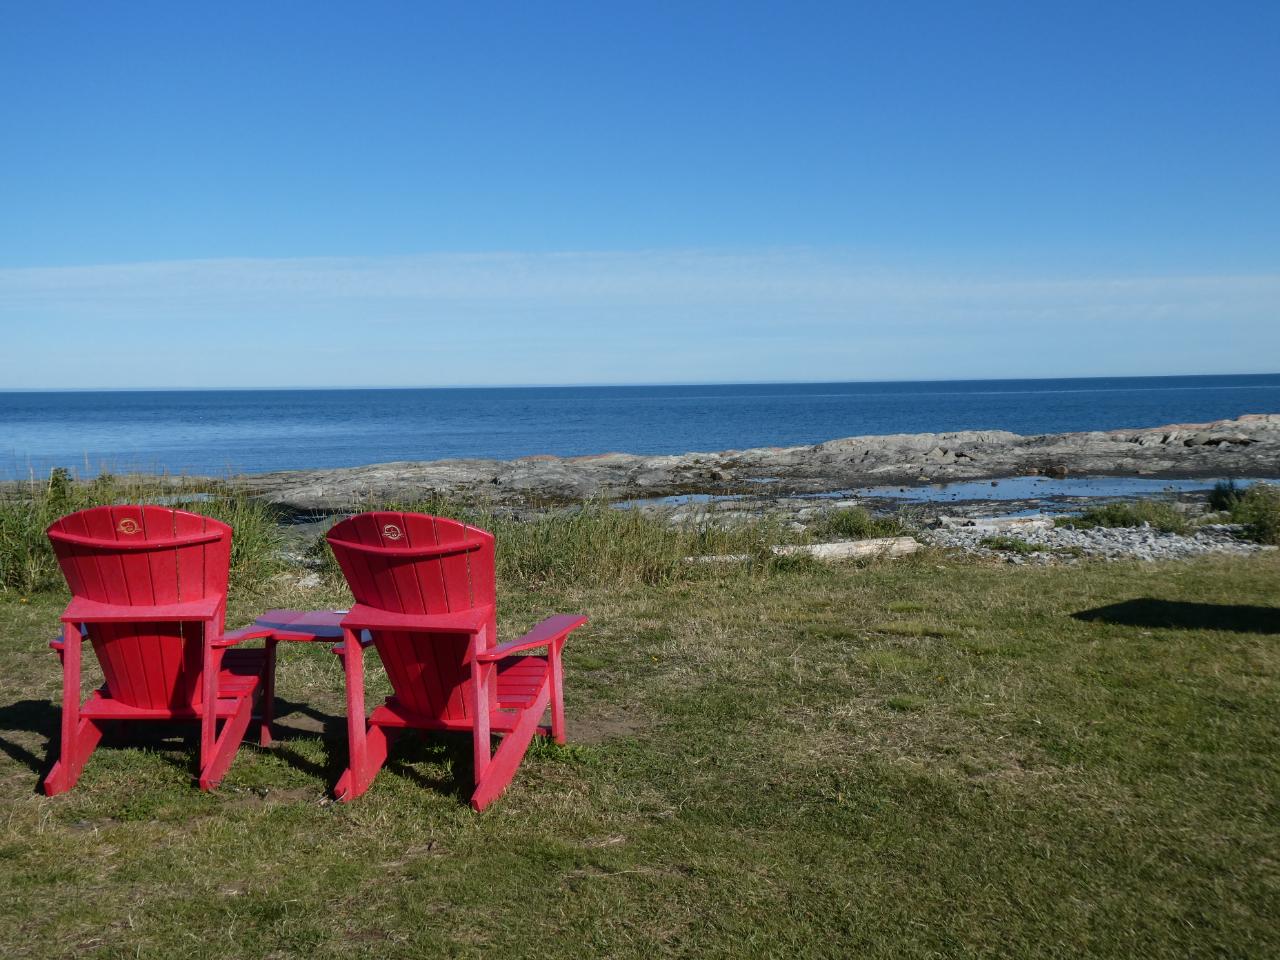 Photo 3: Bonjour la Gaspésie et Rimouski, Canada